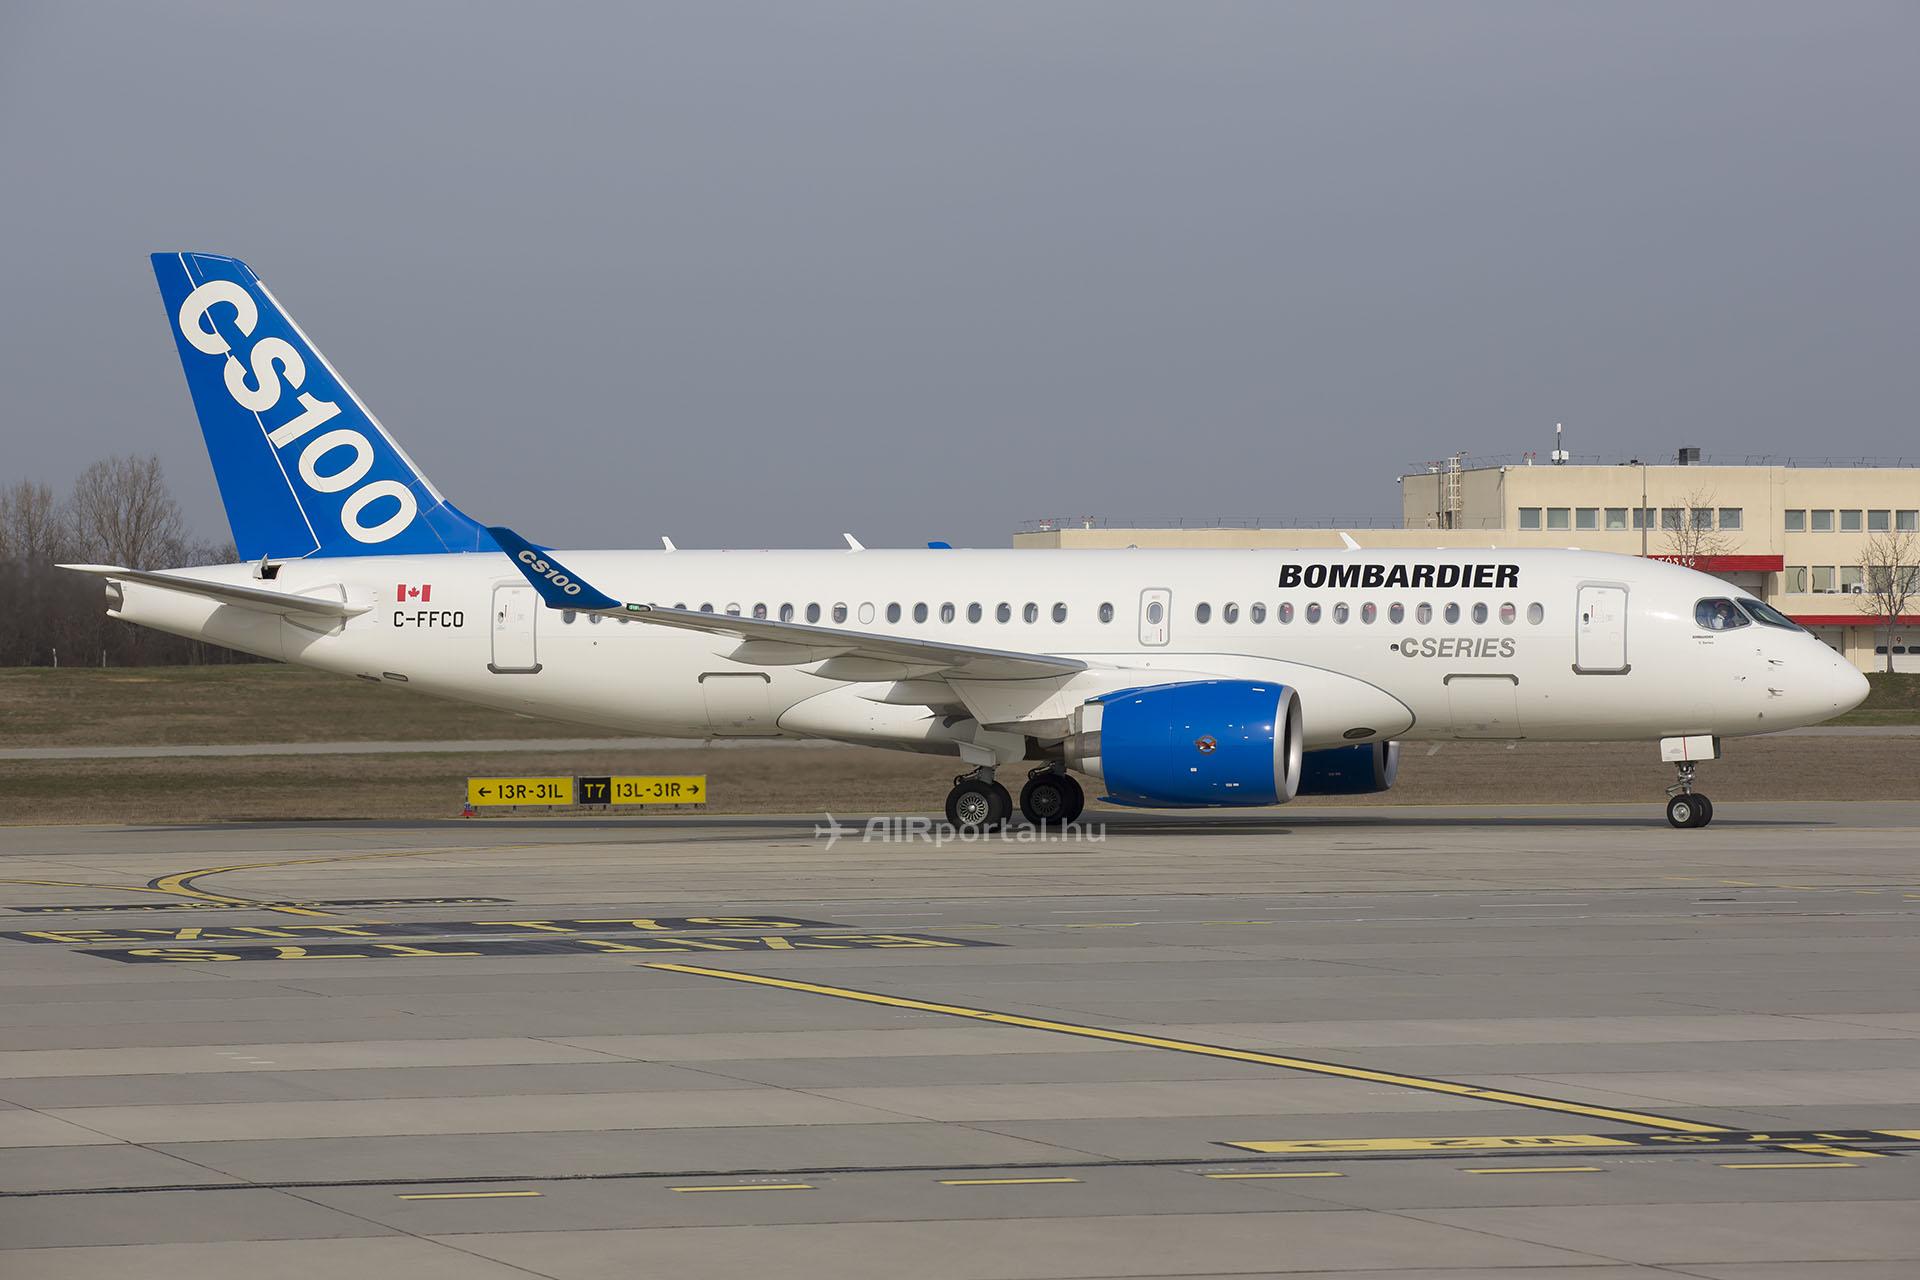 Először szállt le ilyen típusú repülőgép Ferihegyen, ráadásul a gyár festésében. (Fotó: AIRportal.hu)   © AIRportal.hu